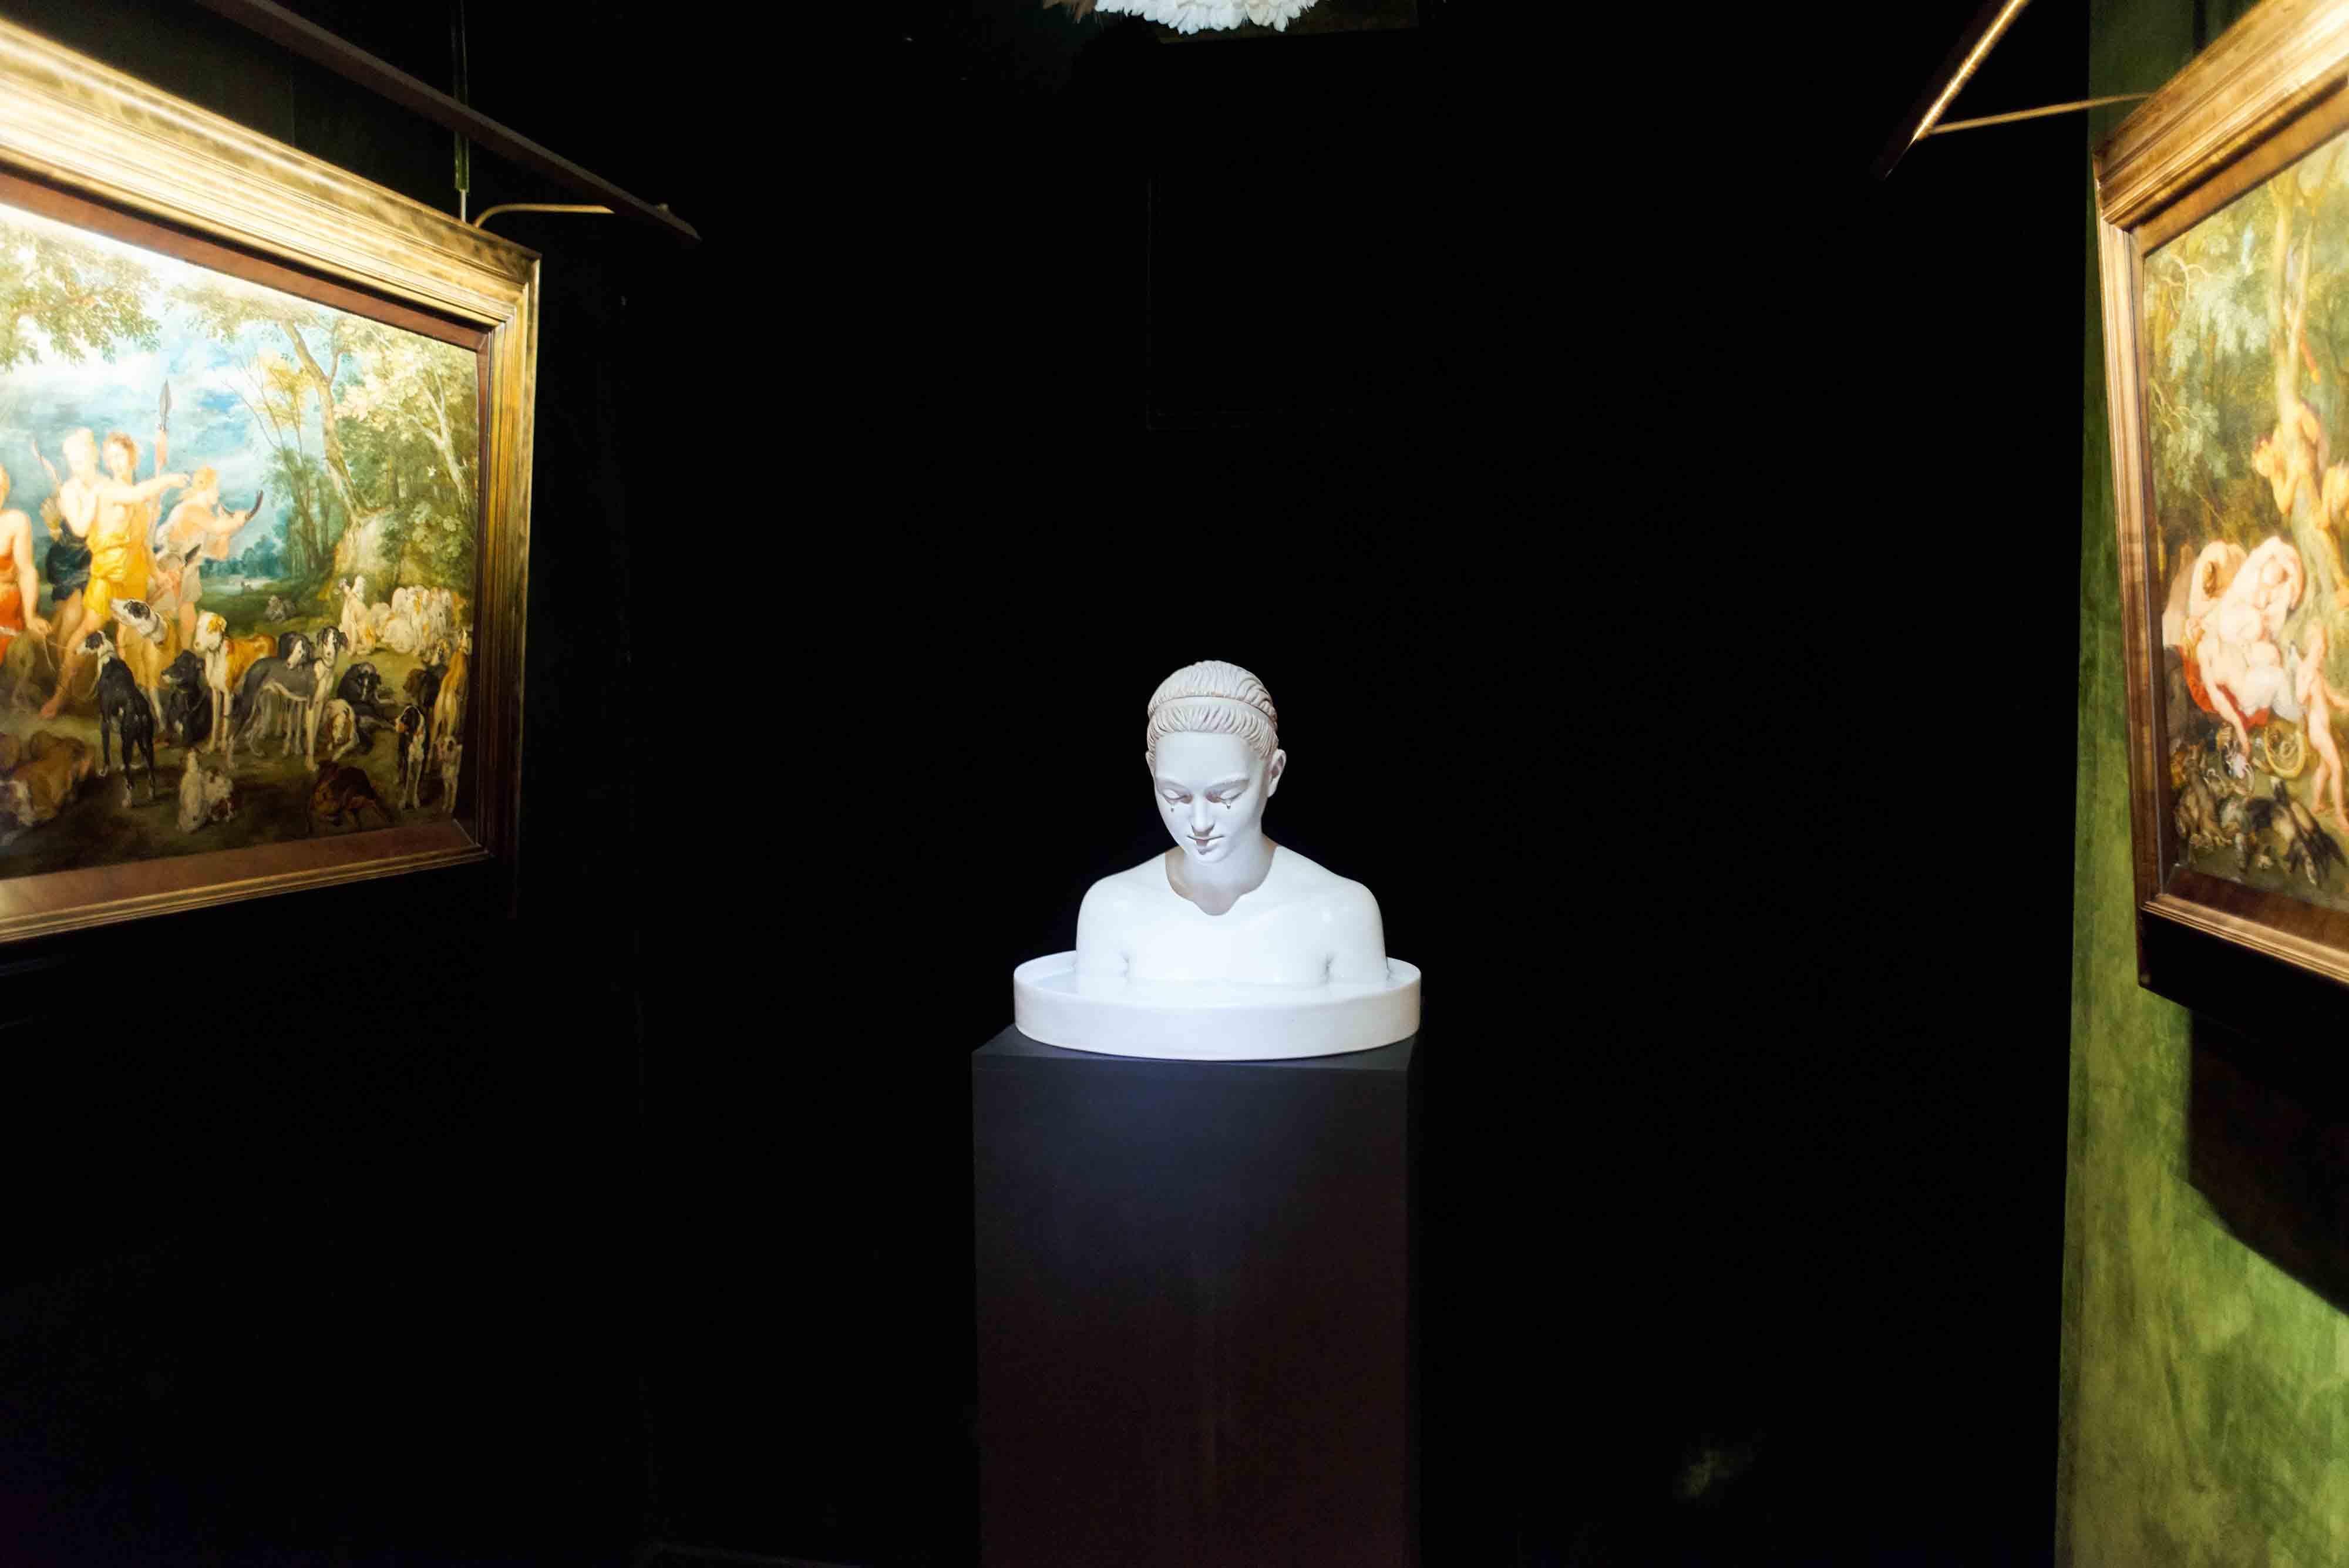 """Serena Carone, """"Pleureuse"""" (2012). Faïence émaillée. © Musée de la Chasse et de la Nature – Serena Carone/ADAGP – Cliché : Béatrice Hatala."""